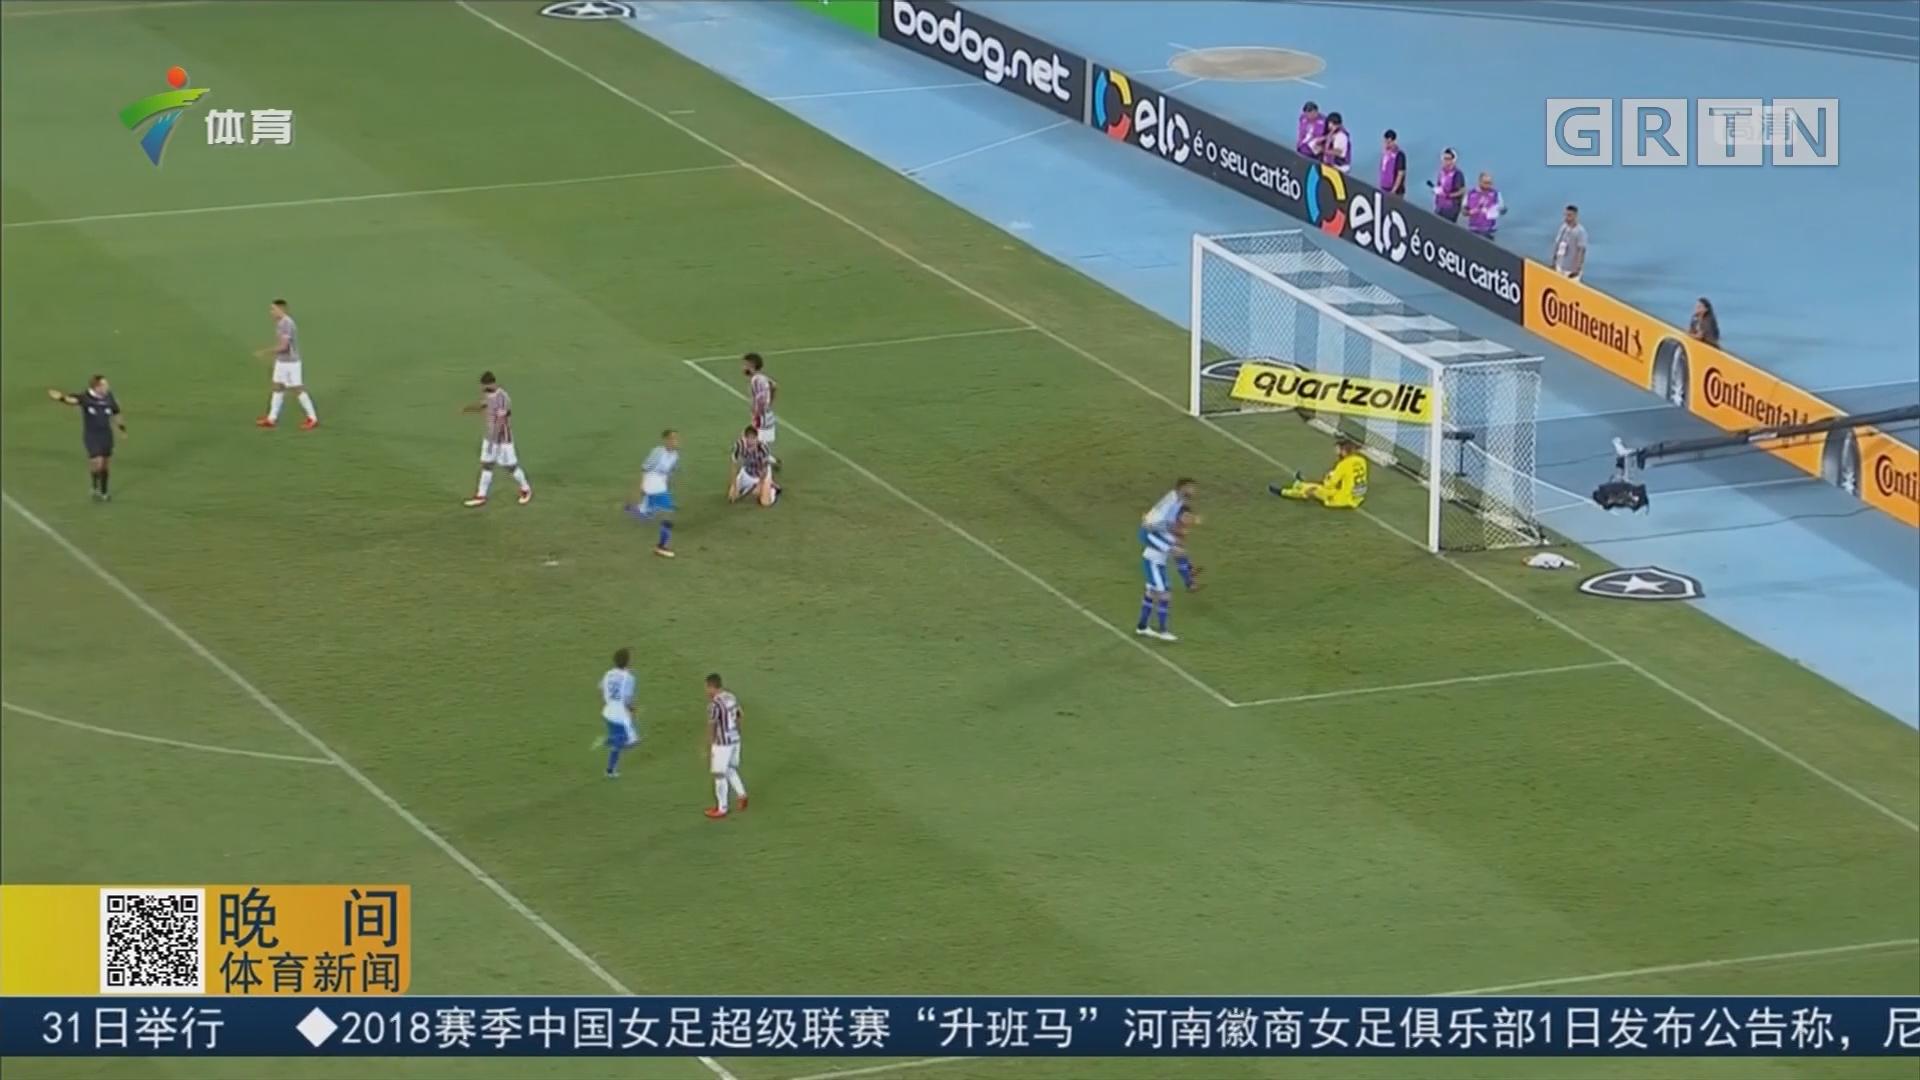 巴西杯 阿瓦伊逆转战胜弗鲁米嫩塞